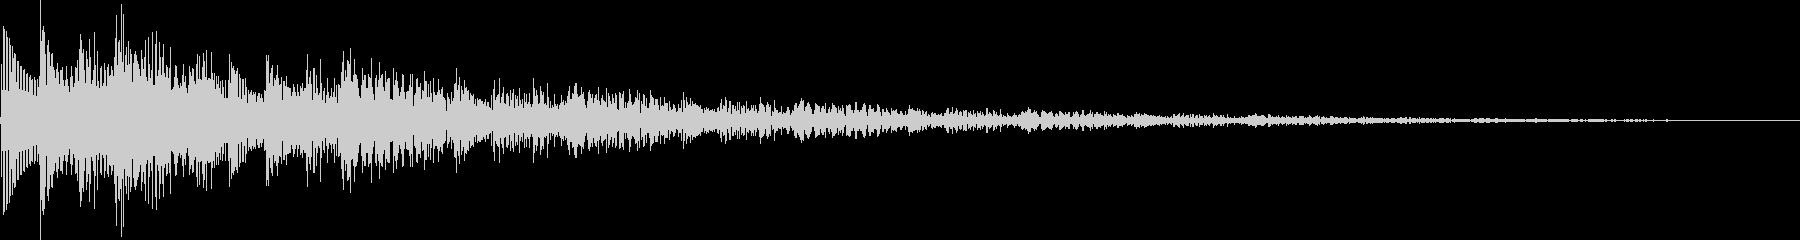 決定音/ボタン/システム/シンプル A3の未再生の波形